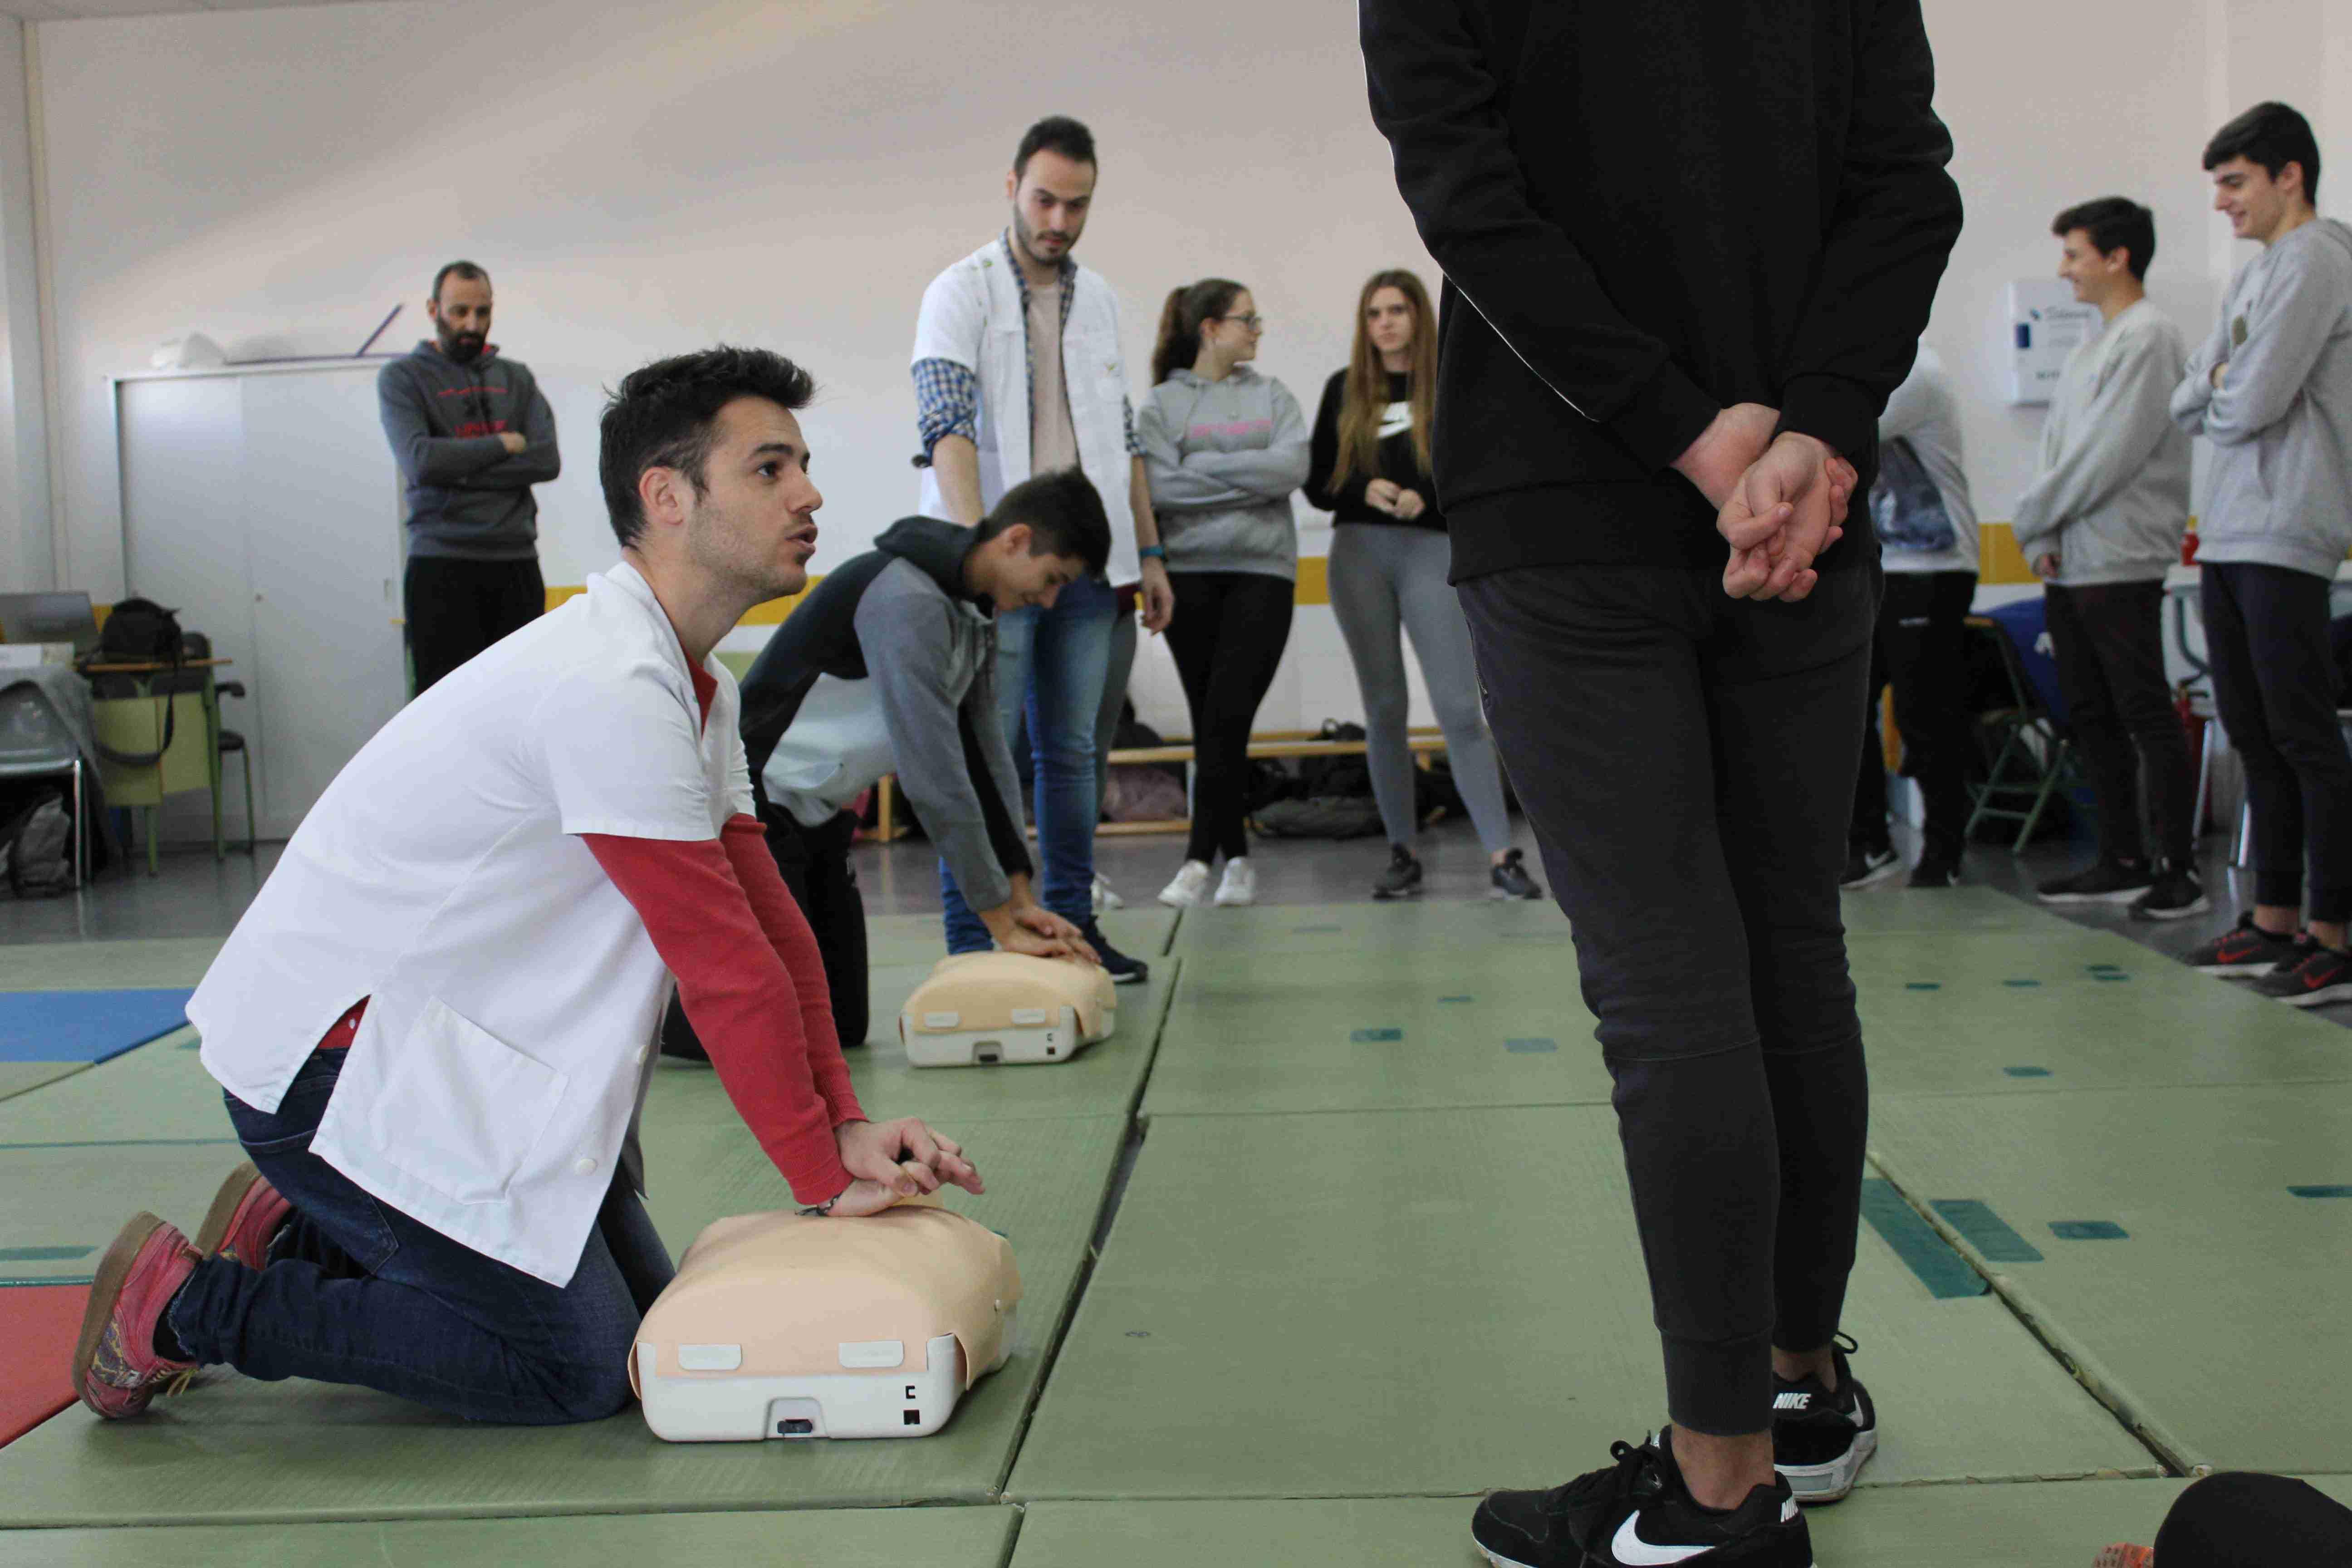 La Gerencia de Área de Villarrobledo realiza un proyecto para evaluar los conocimientos en primeros auxilios de 300 jóvenes 1